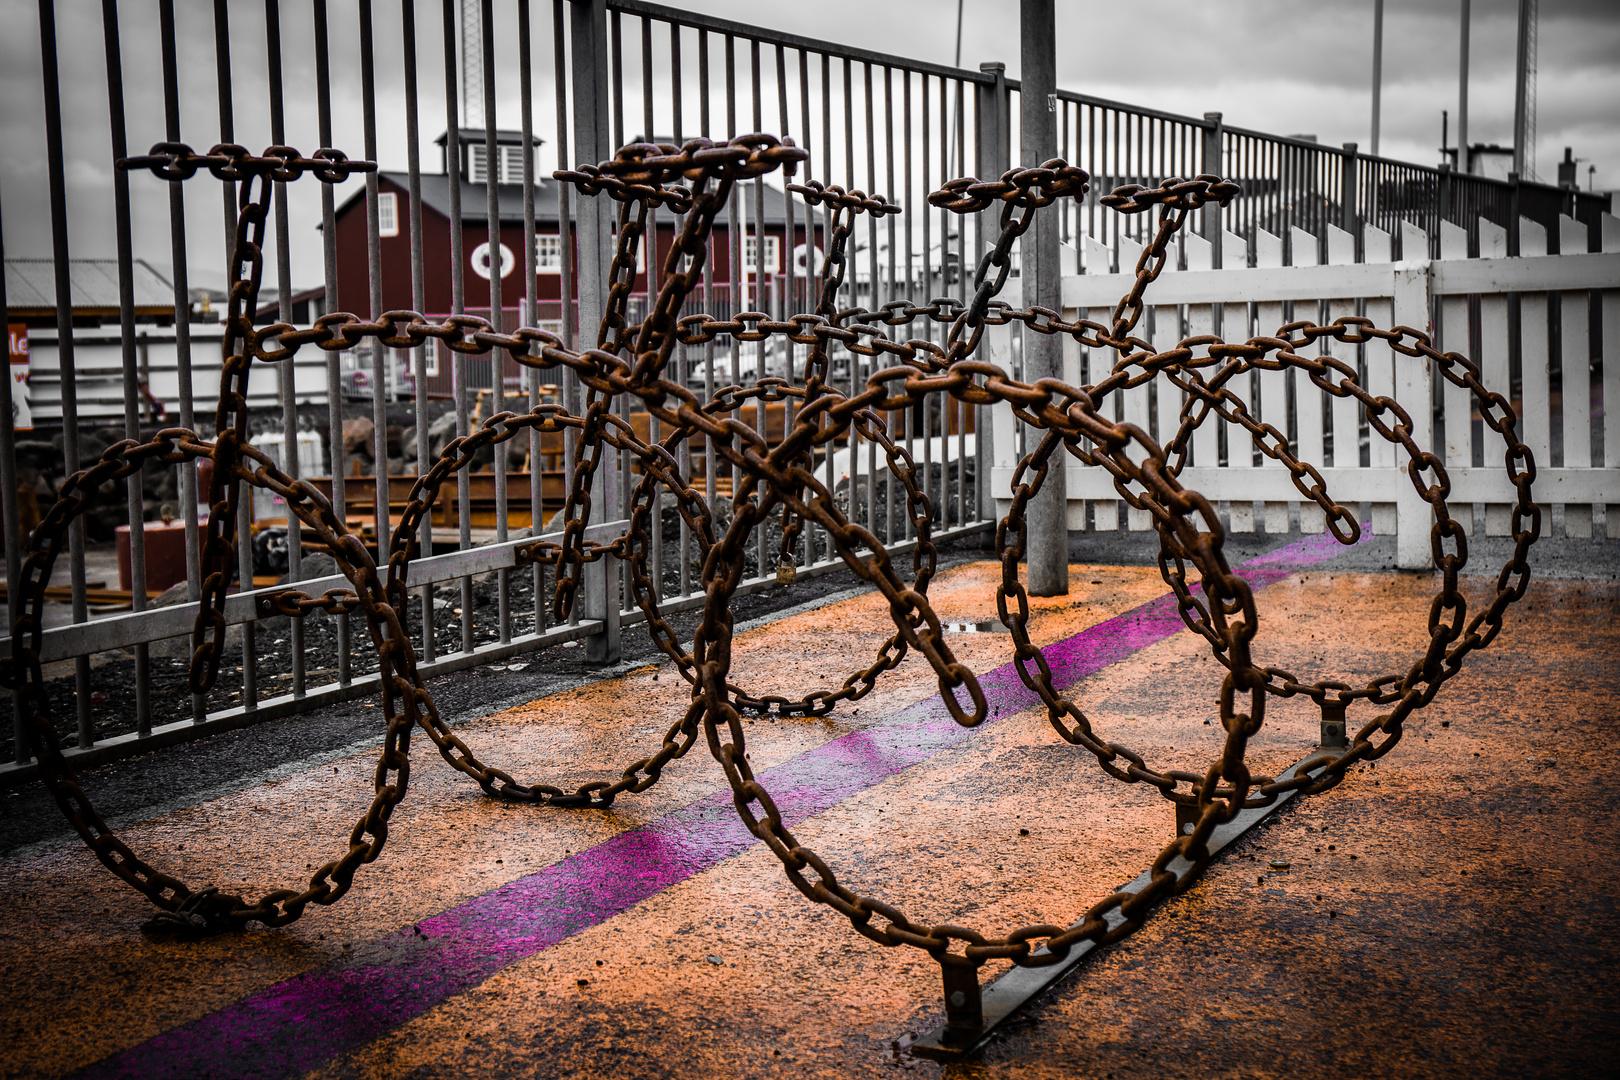 Kettenfahrrad Foto & Bild   fahrrad, island, world Bilder auf ...